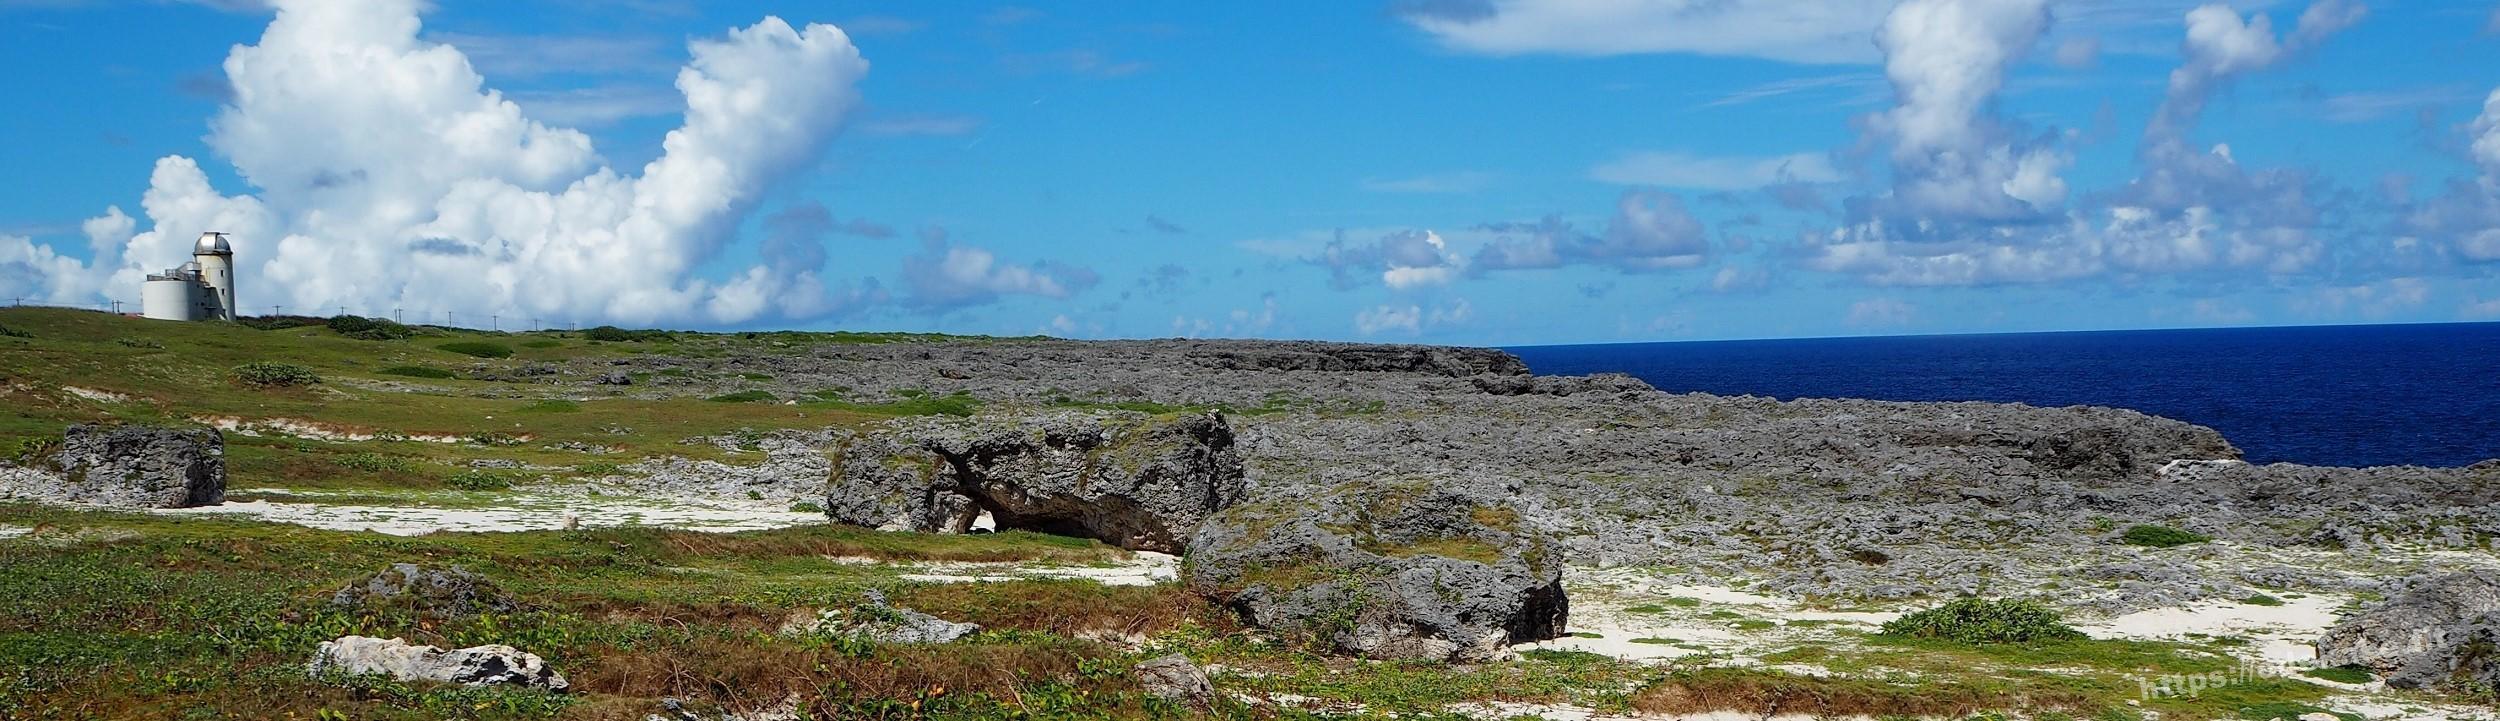 【波照間島8】日本最南端の碑に到達!!そして高那崎の断崖絶壁が絶景